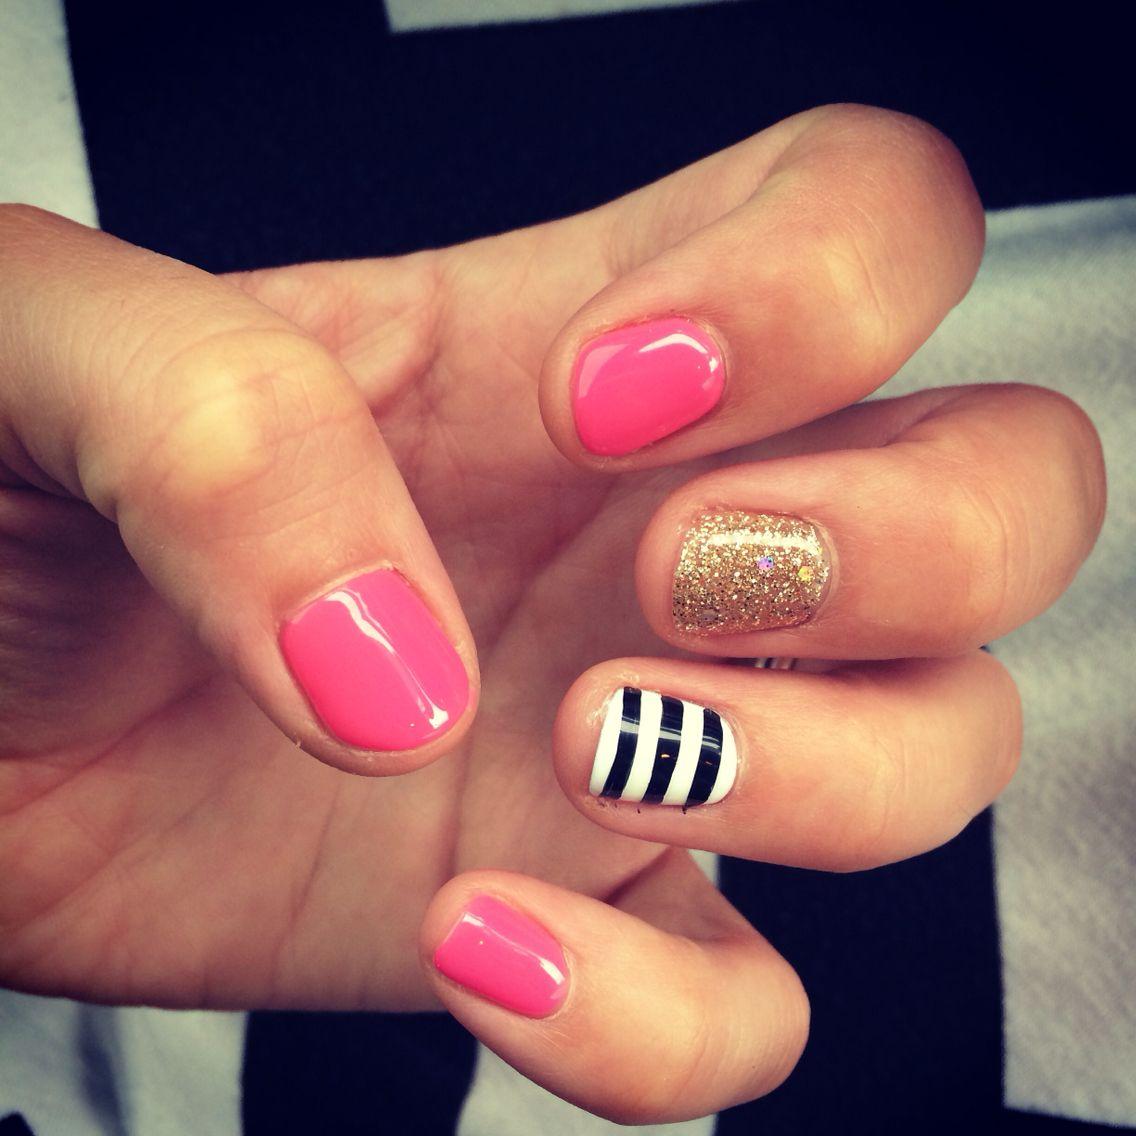 katespade#@$39 on | Manicuras, Diseños de uñas y Arte de uñas